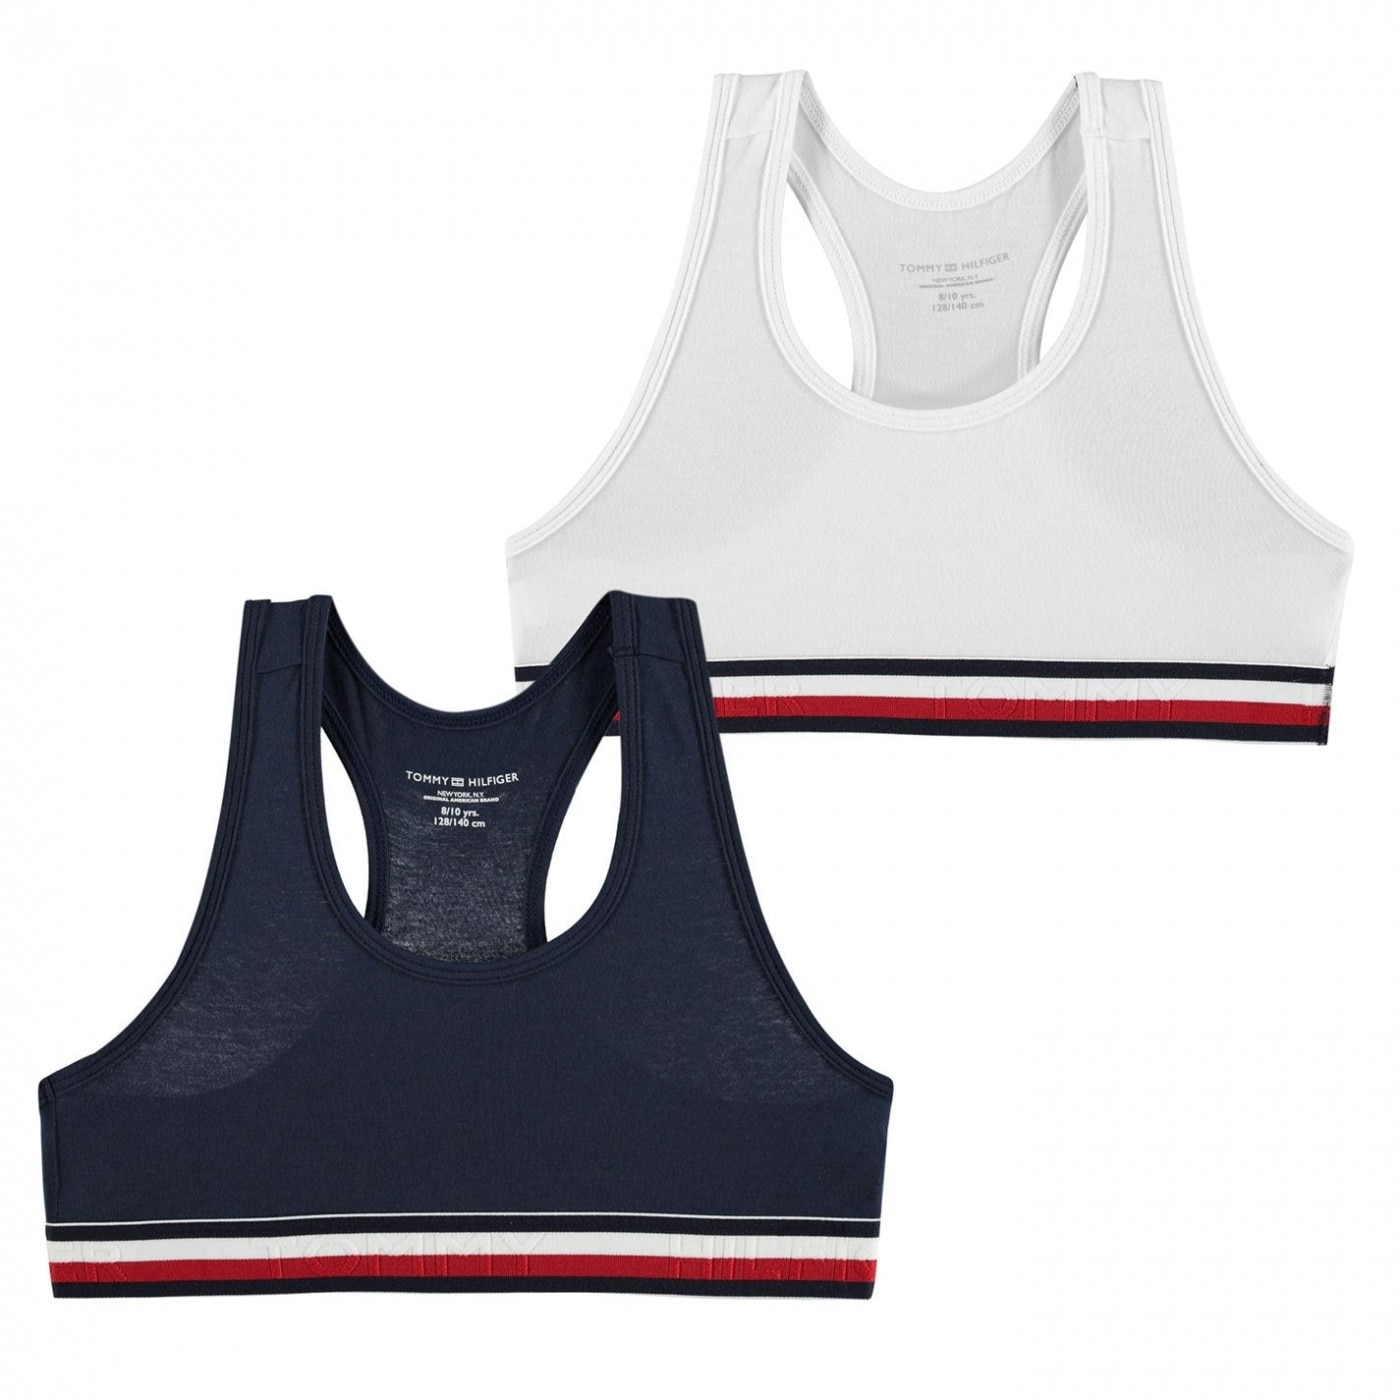 Tommy Hilfiger 2 Pack Plain Bikini Tops